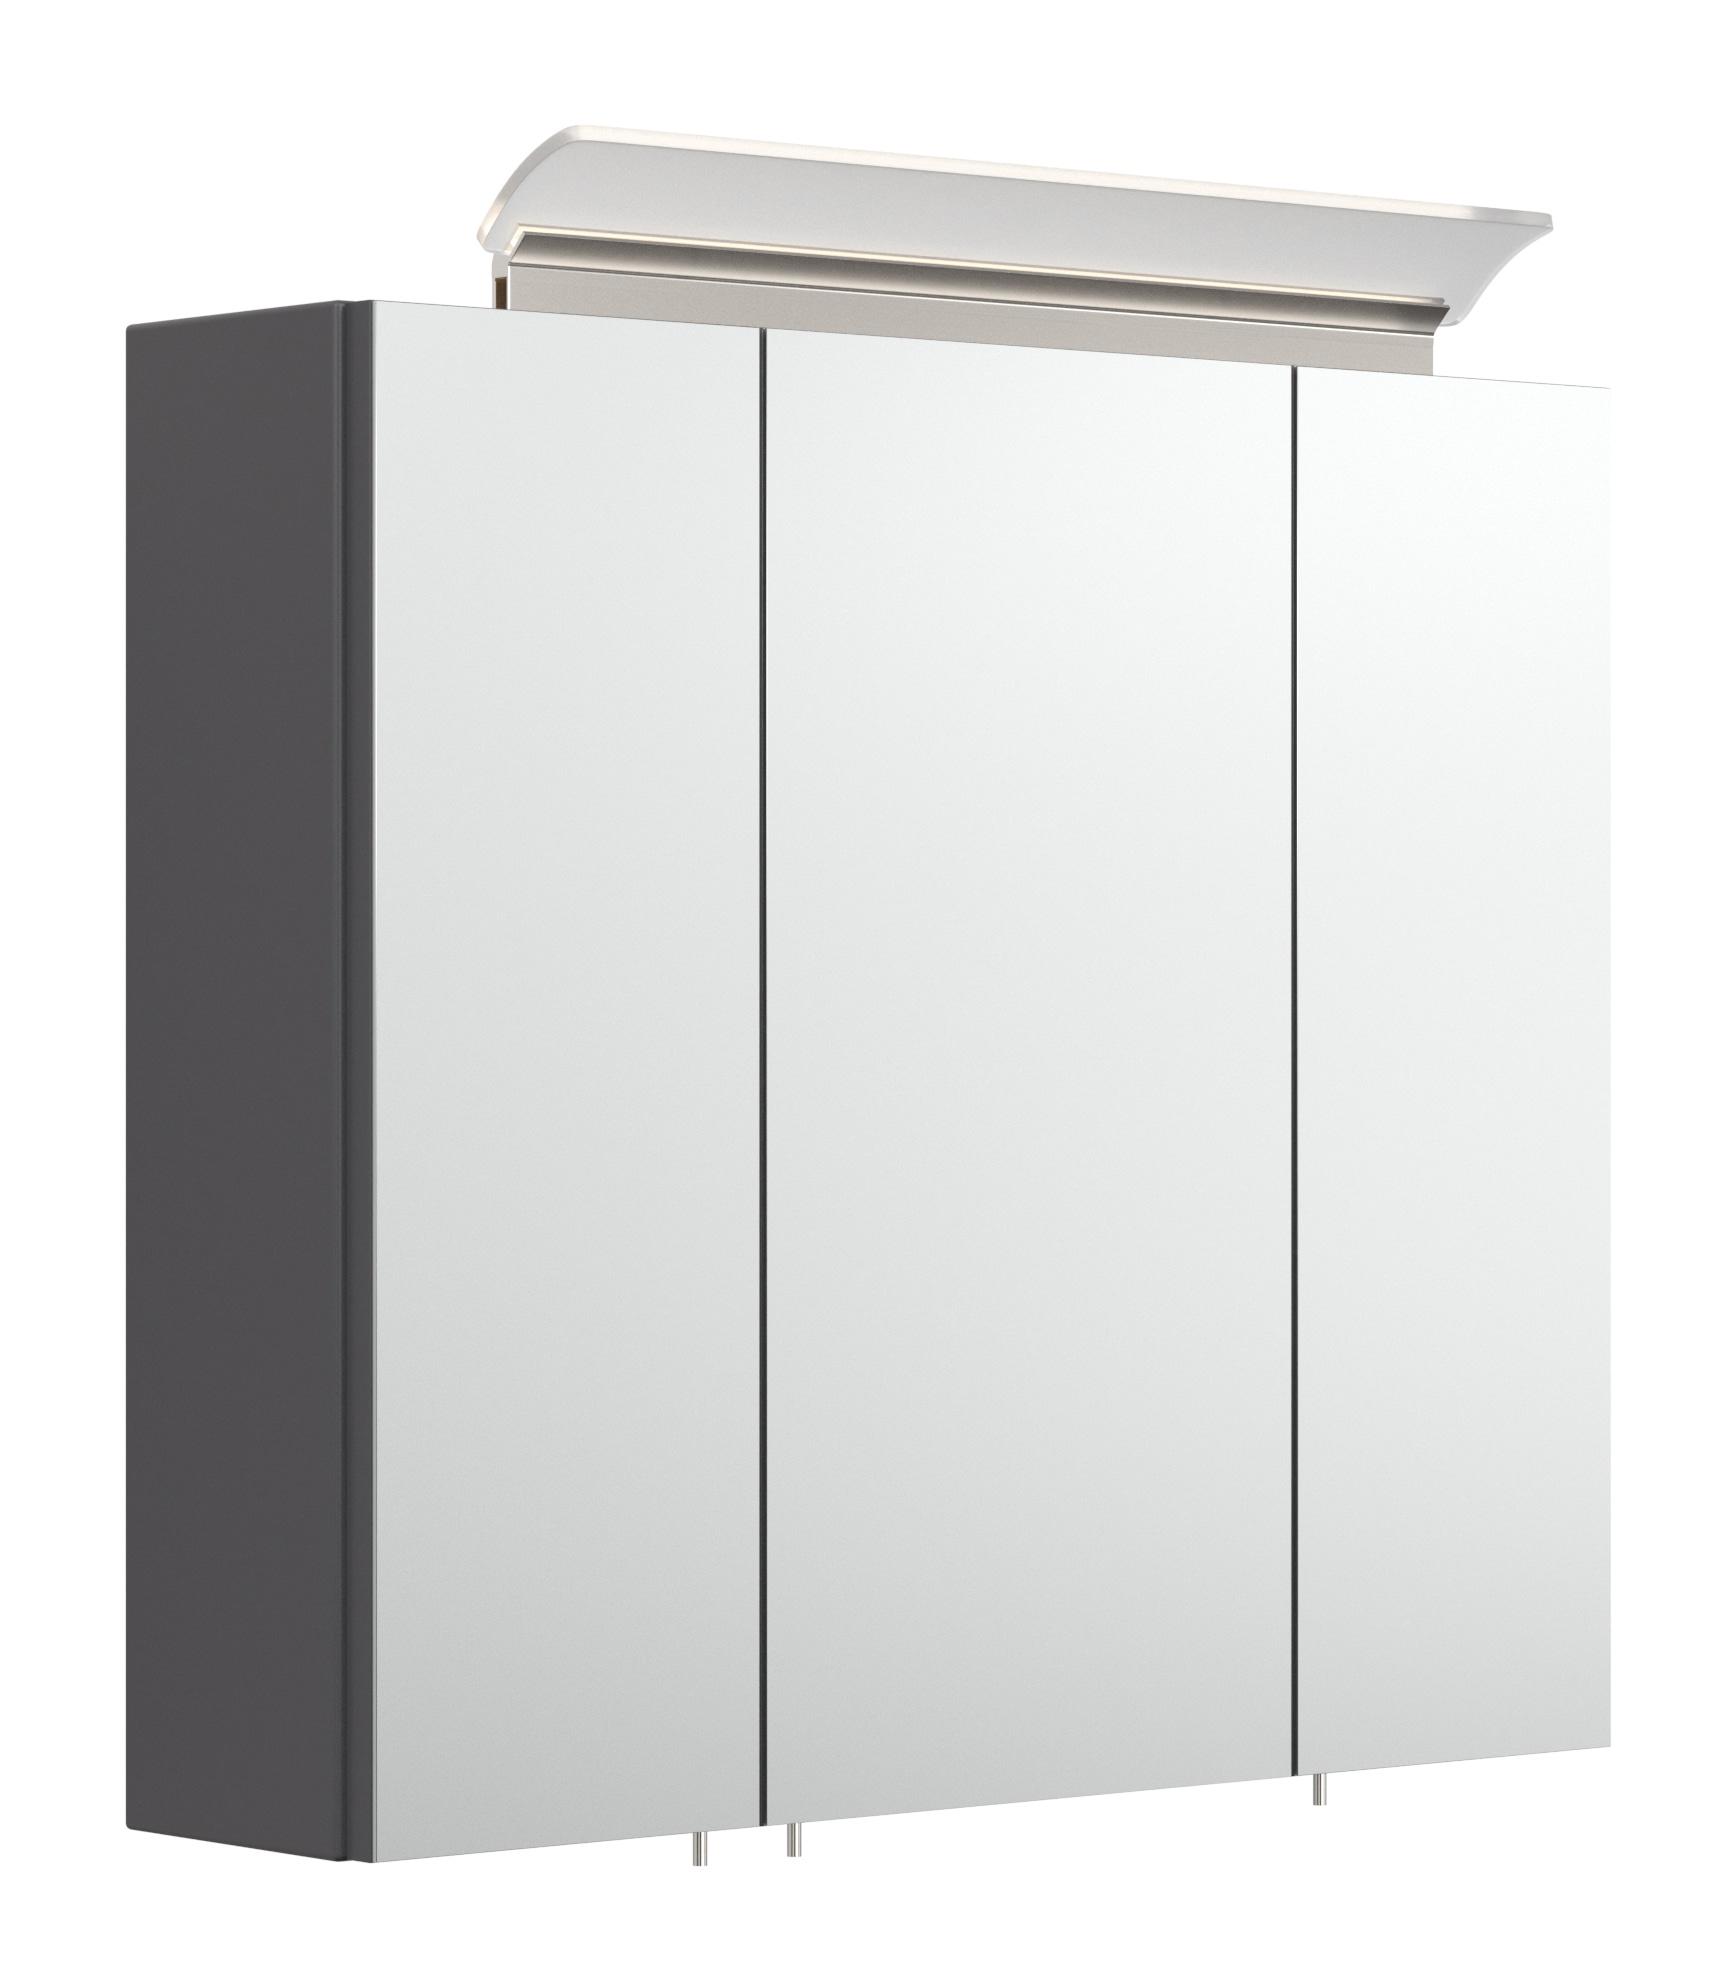 Saniclear Rocky 70cm spiegelkast met design LED verlichting glans antraciet